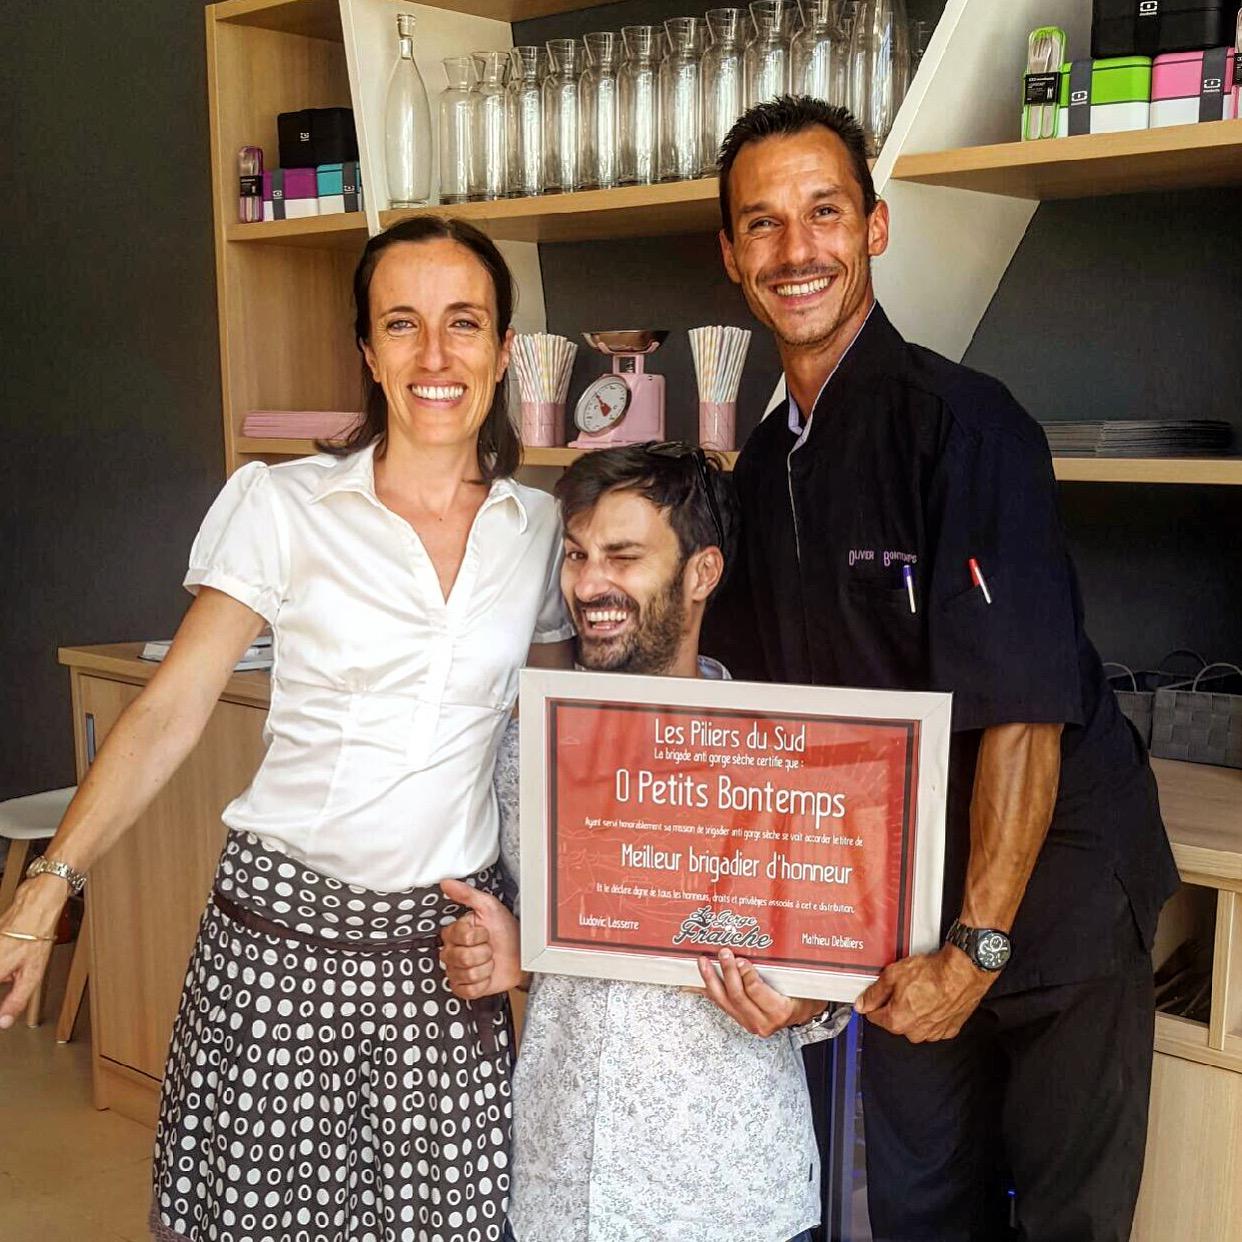 O Petits Bontemps, nouvelle brasserie à Béziers, est partenaire de la bière artisanale La Gorge Fraîc